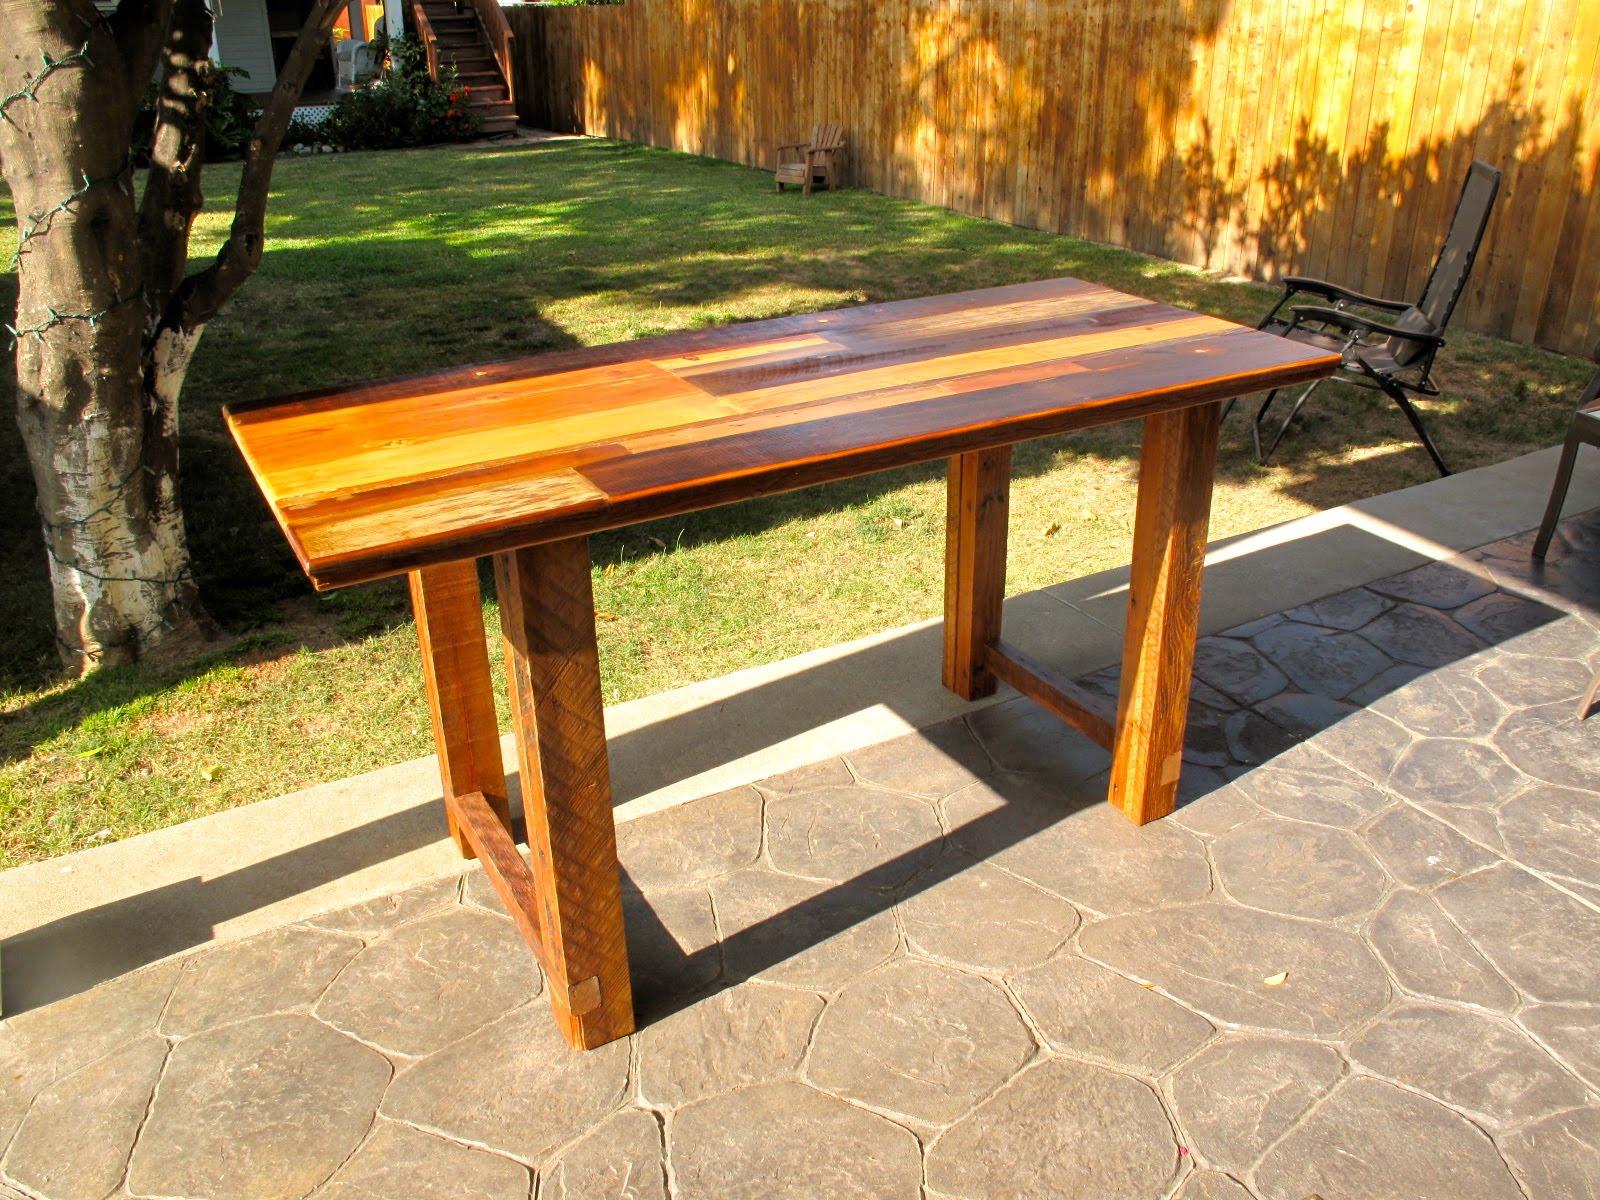 arbor exchange reclaimed wood furniture patchwork kitchen work table. Black Bedroom Furniture Sets. Home Design Ideas